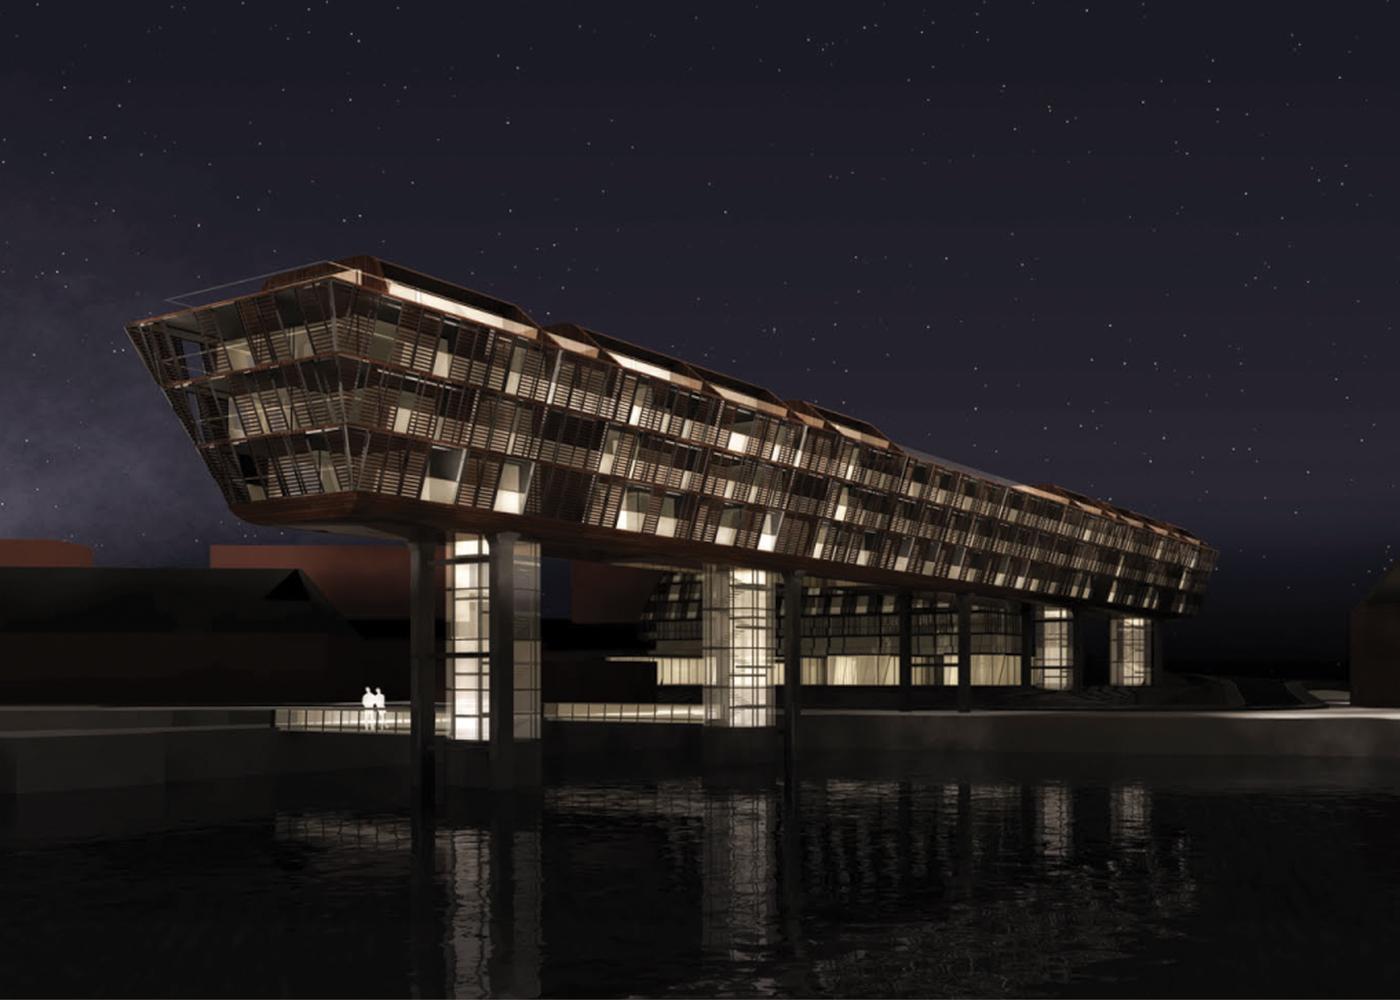 Wettbewerb Visualisierung Exportgebäude Sonvik Ansicht bei Nacht